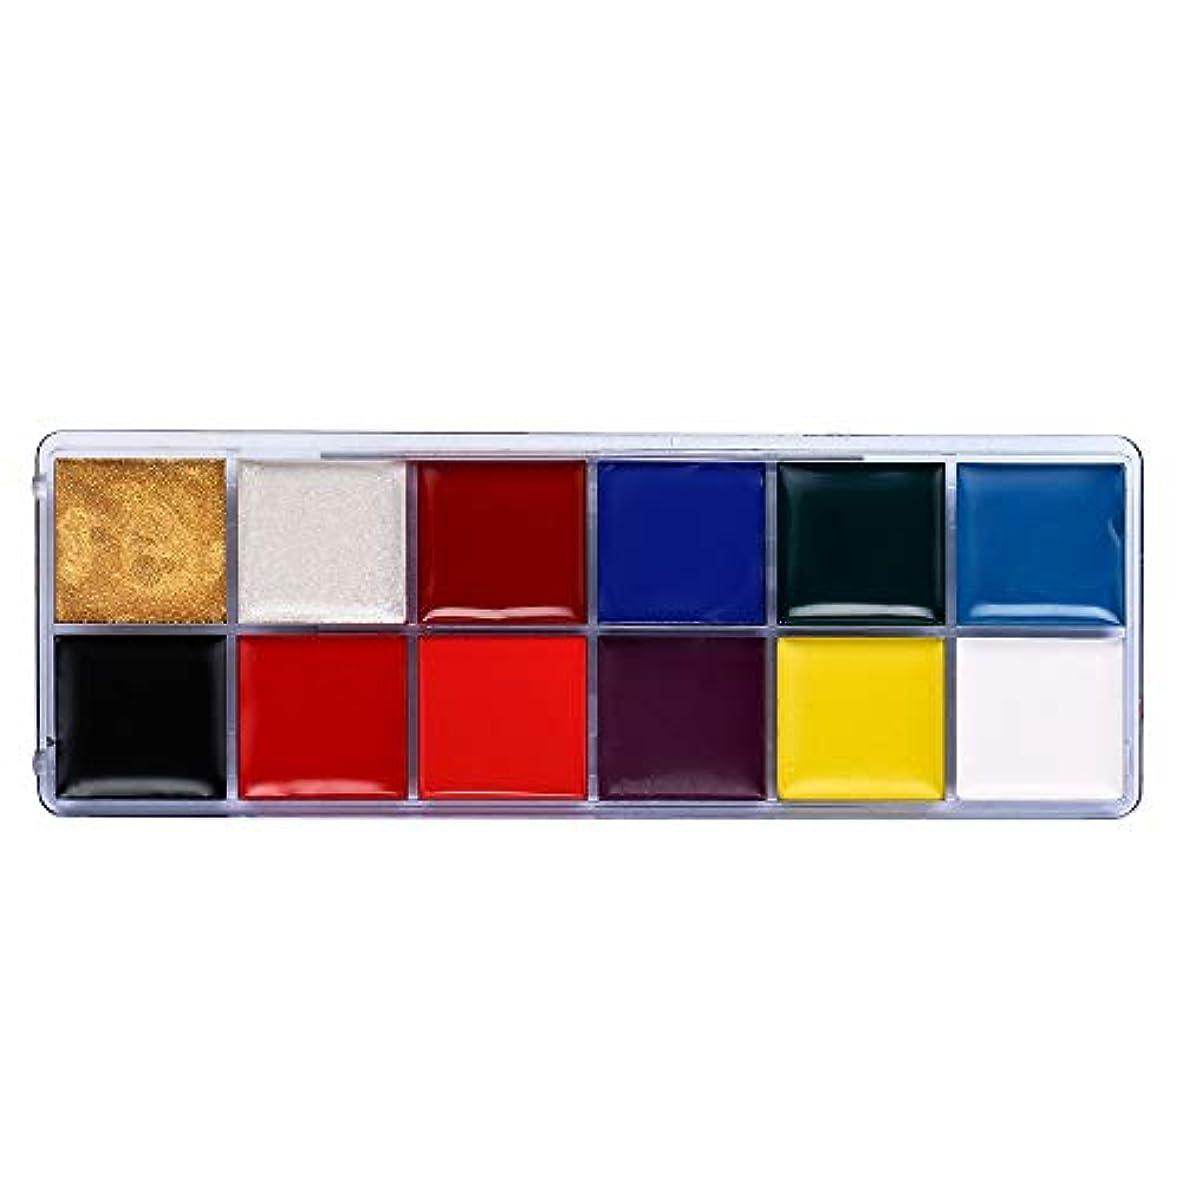 欠員時刻表玉ねぎ12色ボディ塗装オイルカラードラマピエロハロウィンメイクアップフェイスカラー